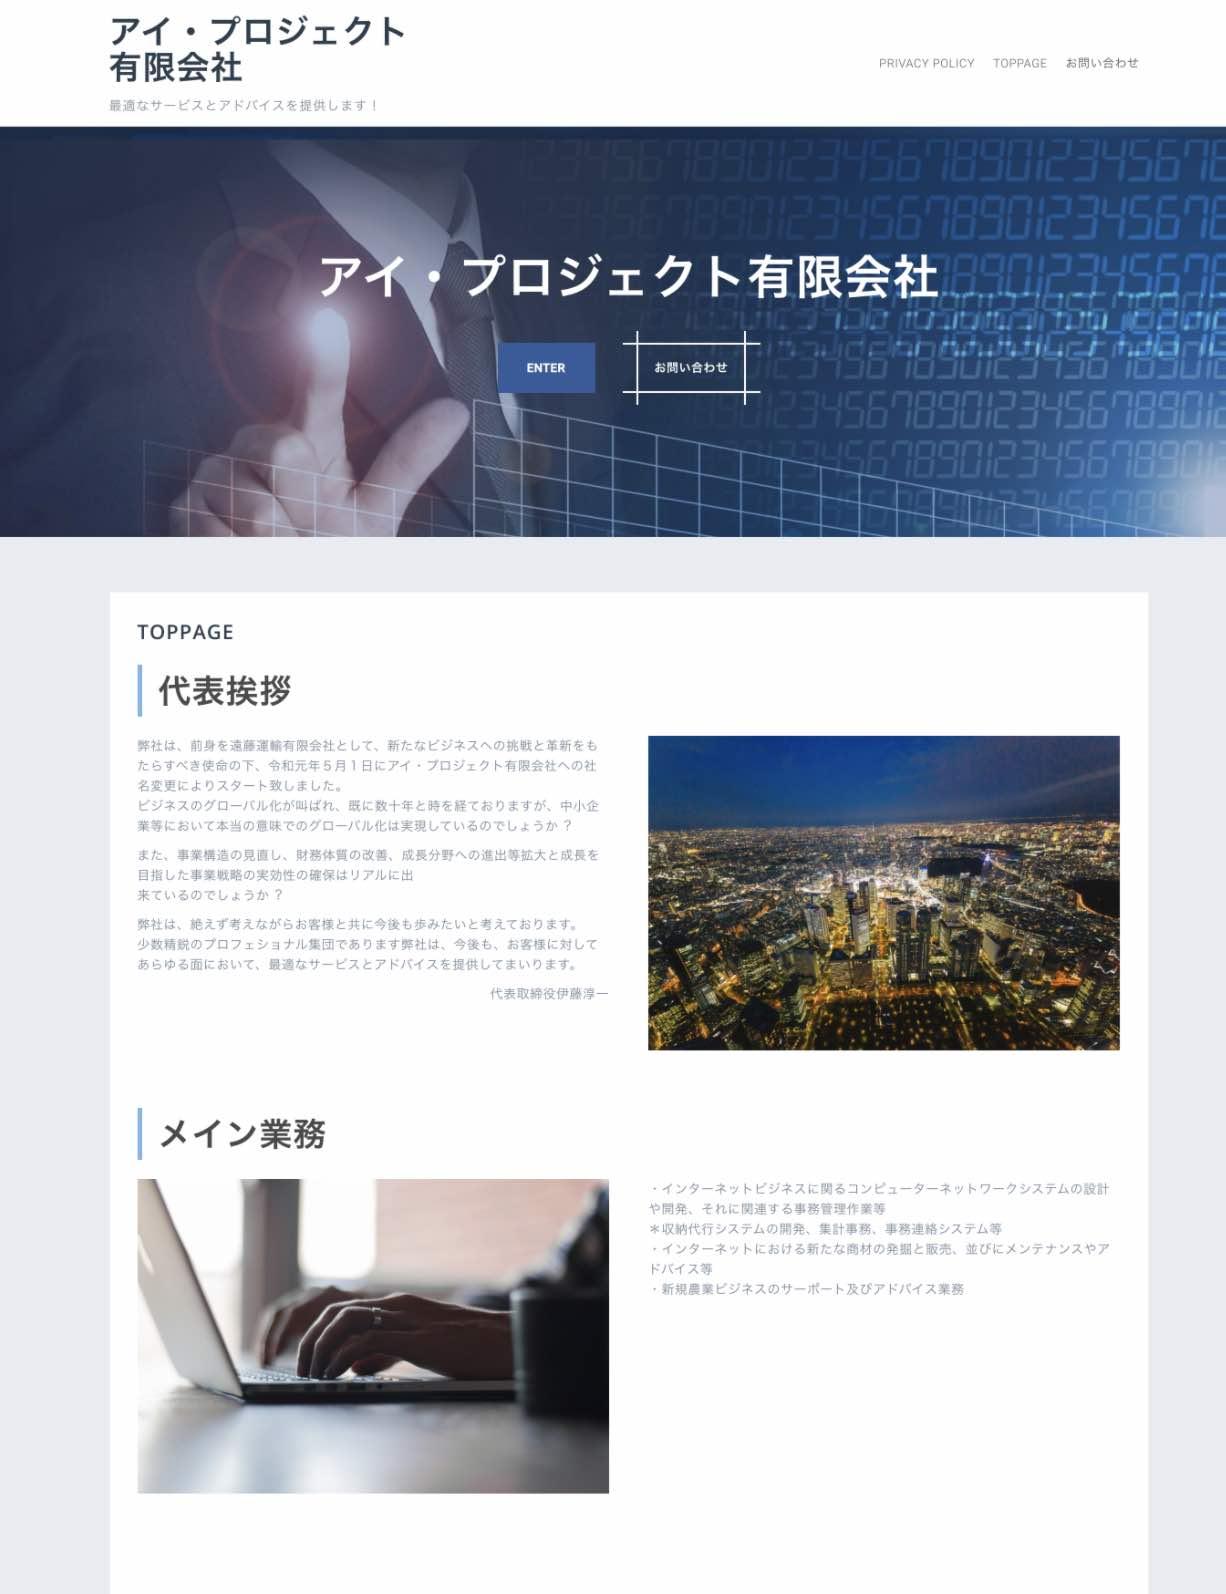 アイプロジェクト有限会社のウェブサイトも発見